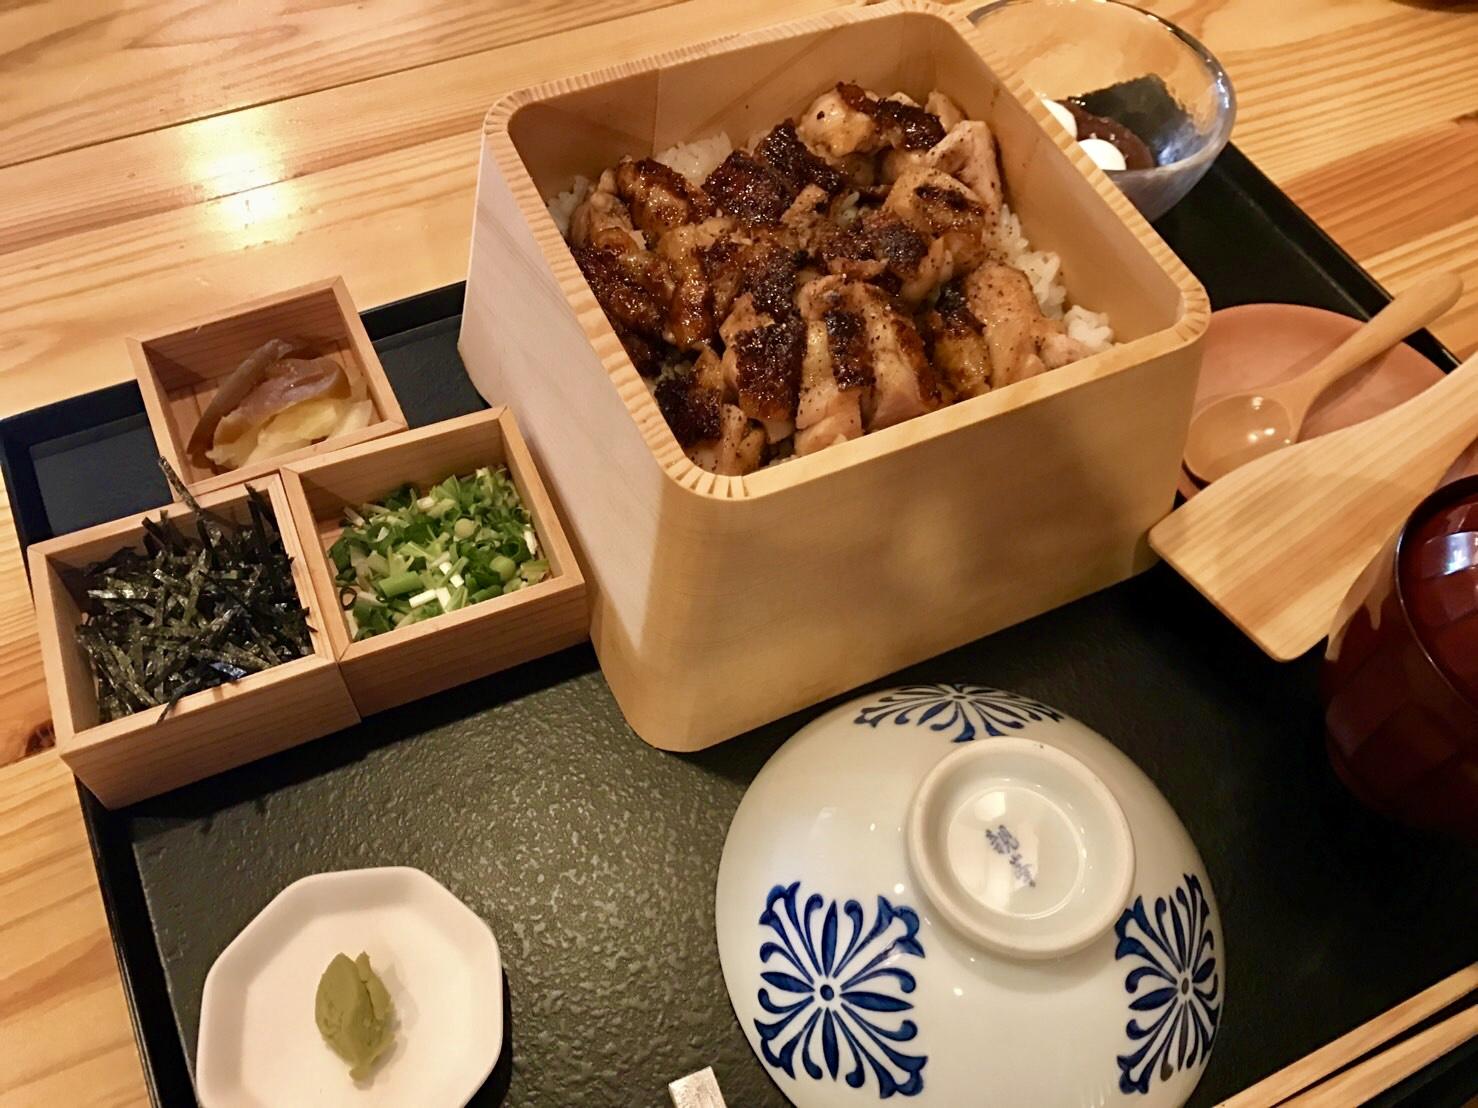 名古屋初の実店舗!「鶏ひつまぶし」のお店『風琴(フウキン)』 - fullsizeoutput 22